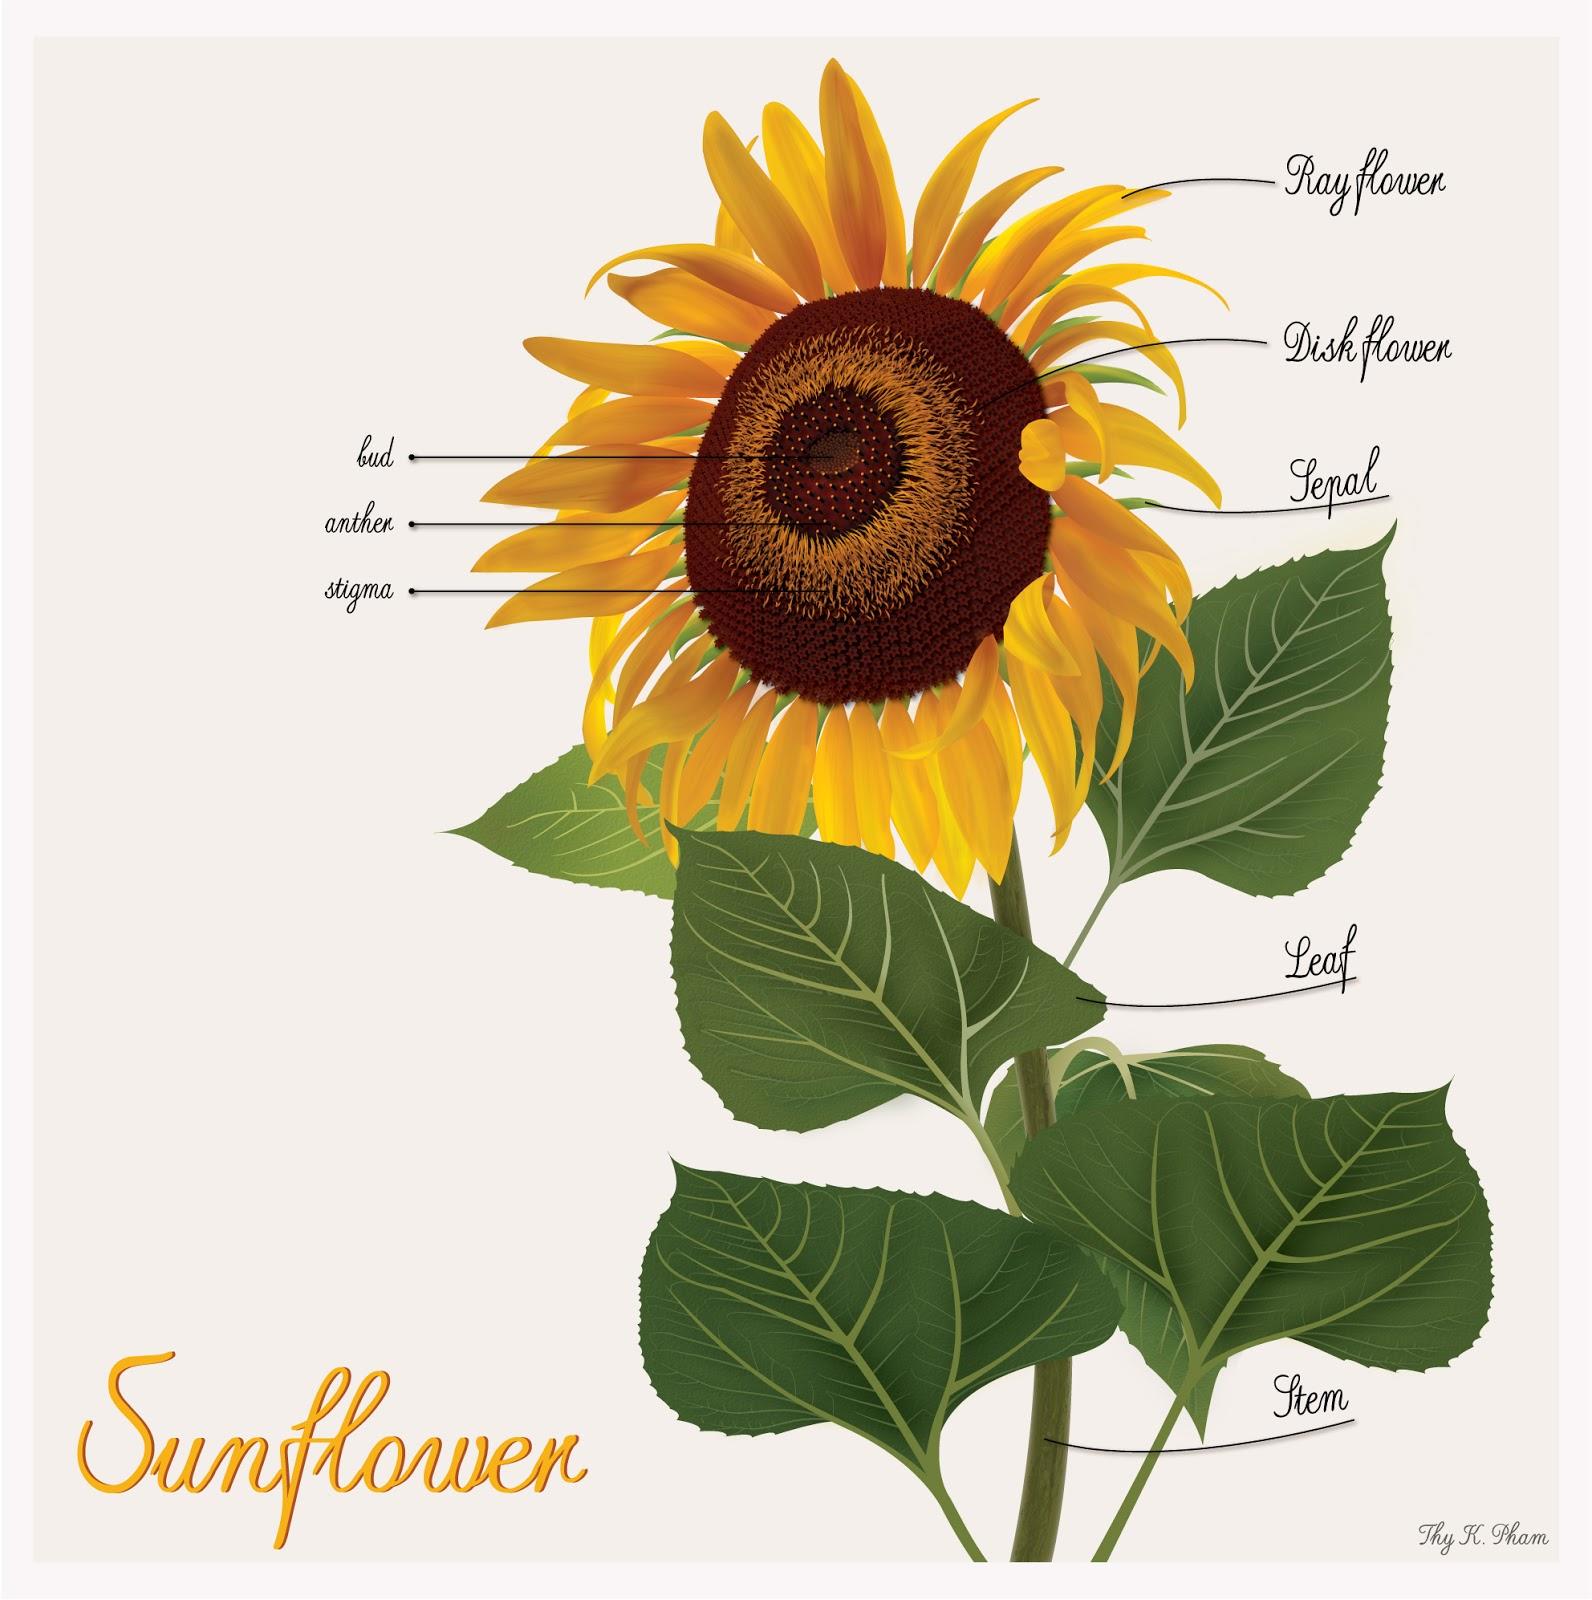 Khoa Thy 's Journal: My sunflower illustration